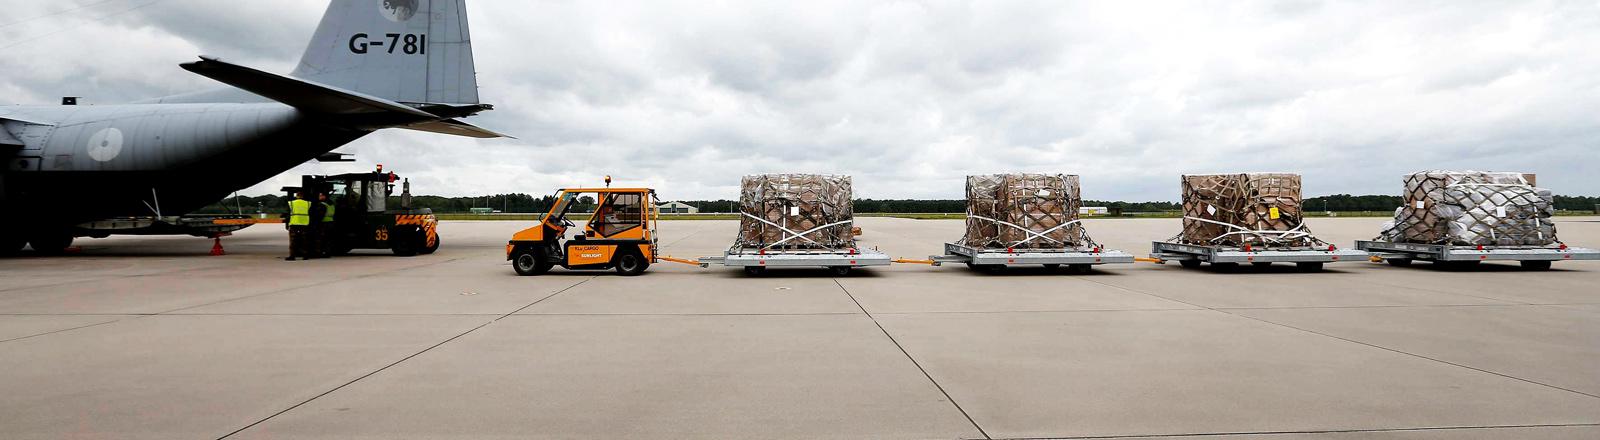 Ein Lastzug auf einem Rollfeld eines Flughafens.